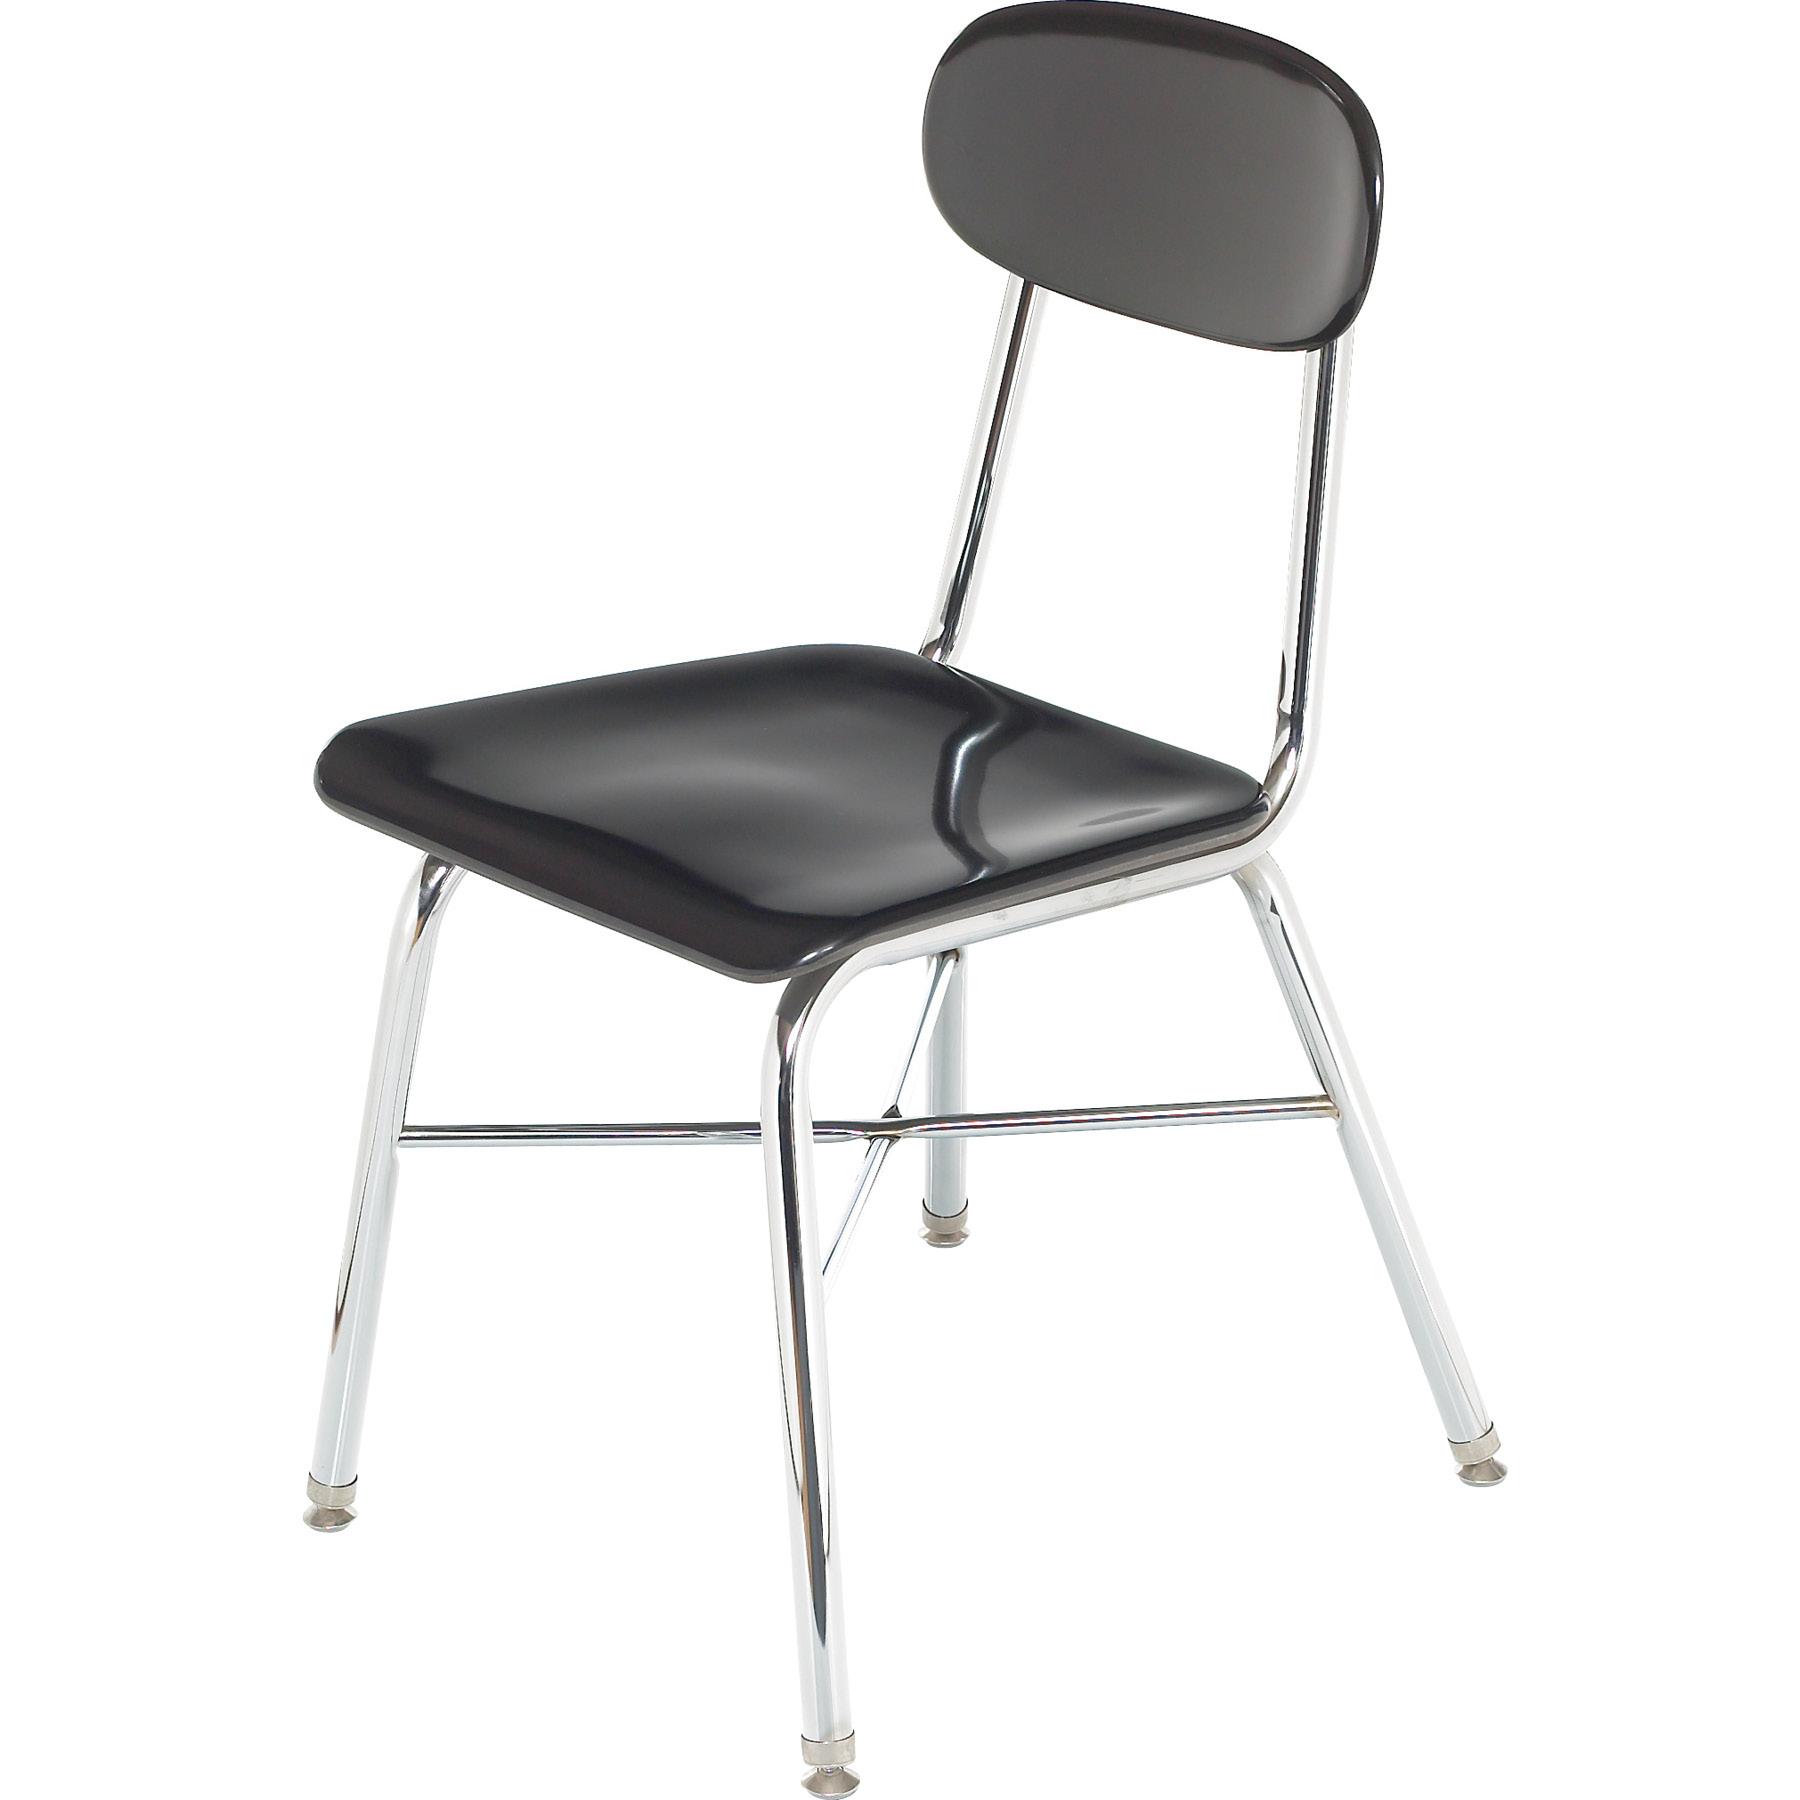 152 Chair